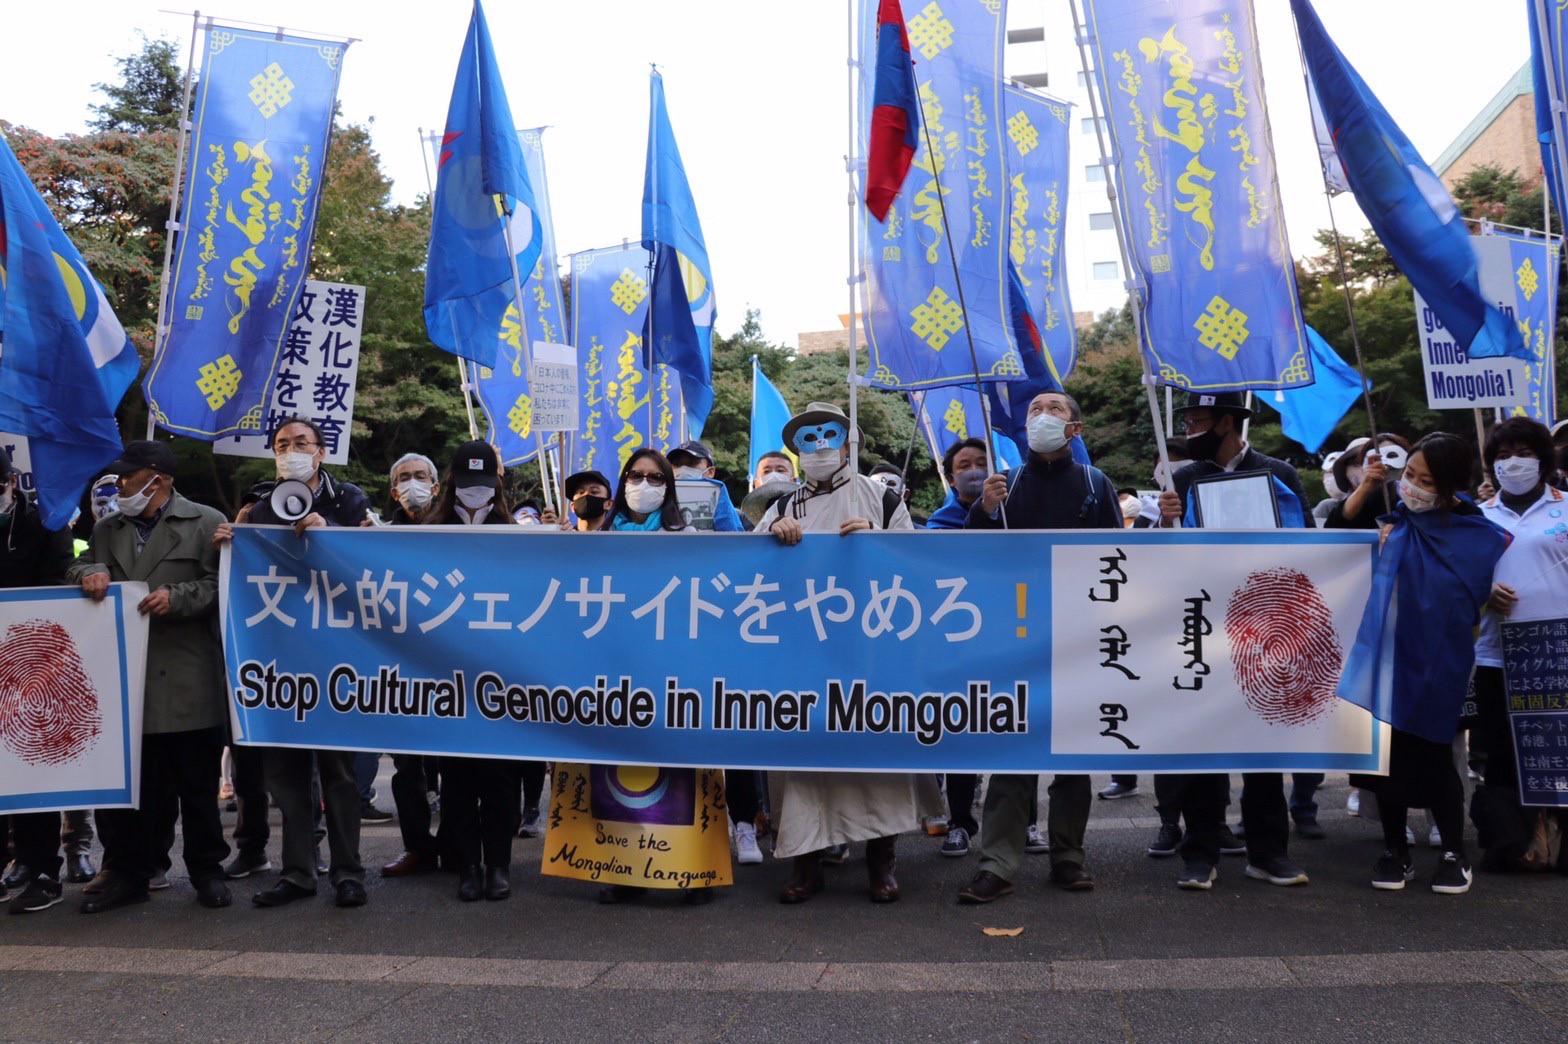 海外蒙古人要求中国政府停止在内蒙实行汉化教育。(参与者提供)